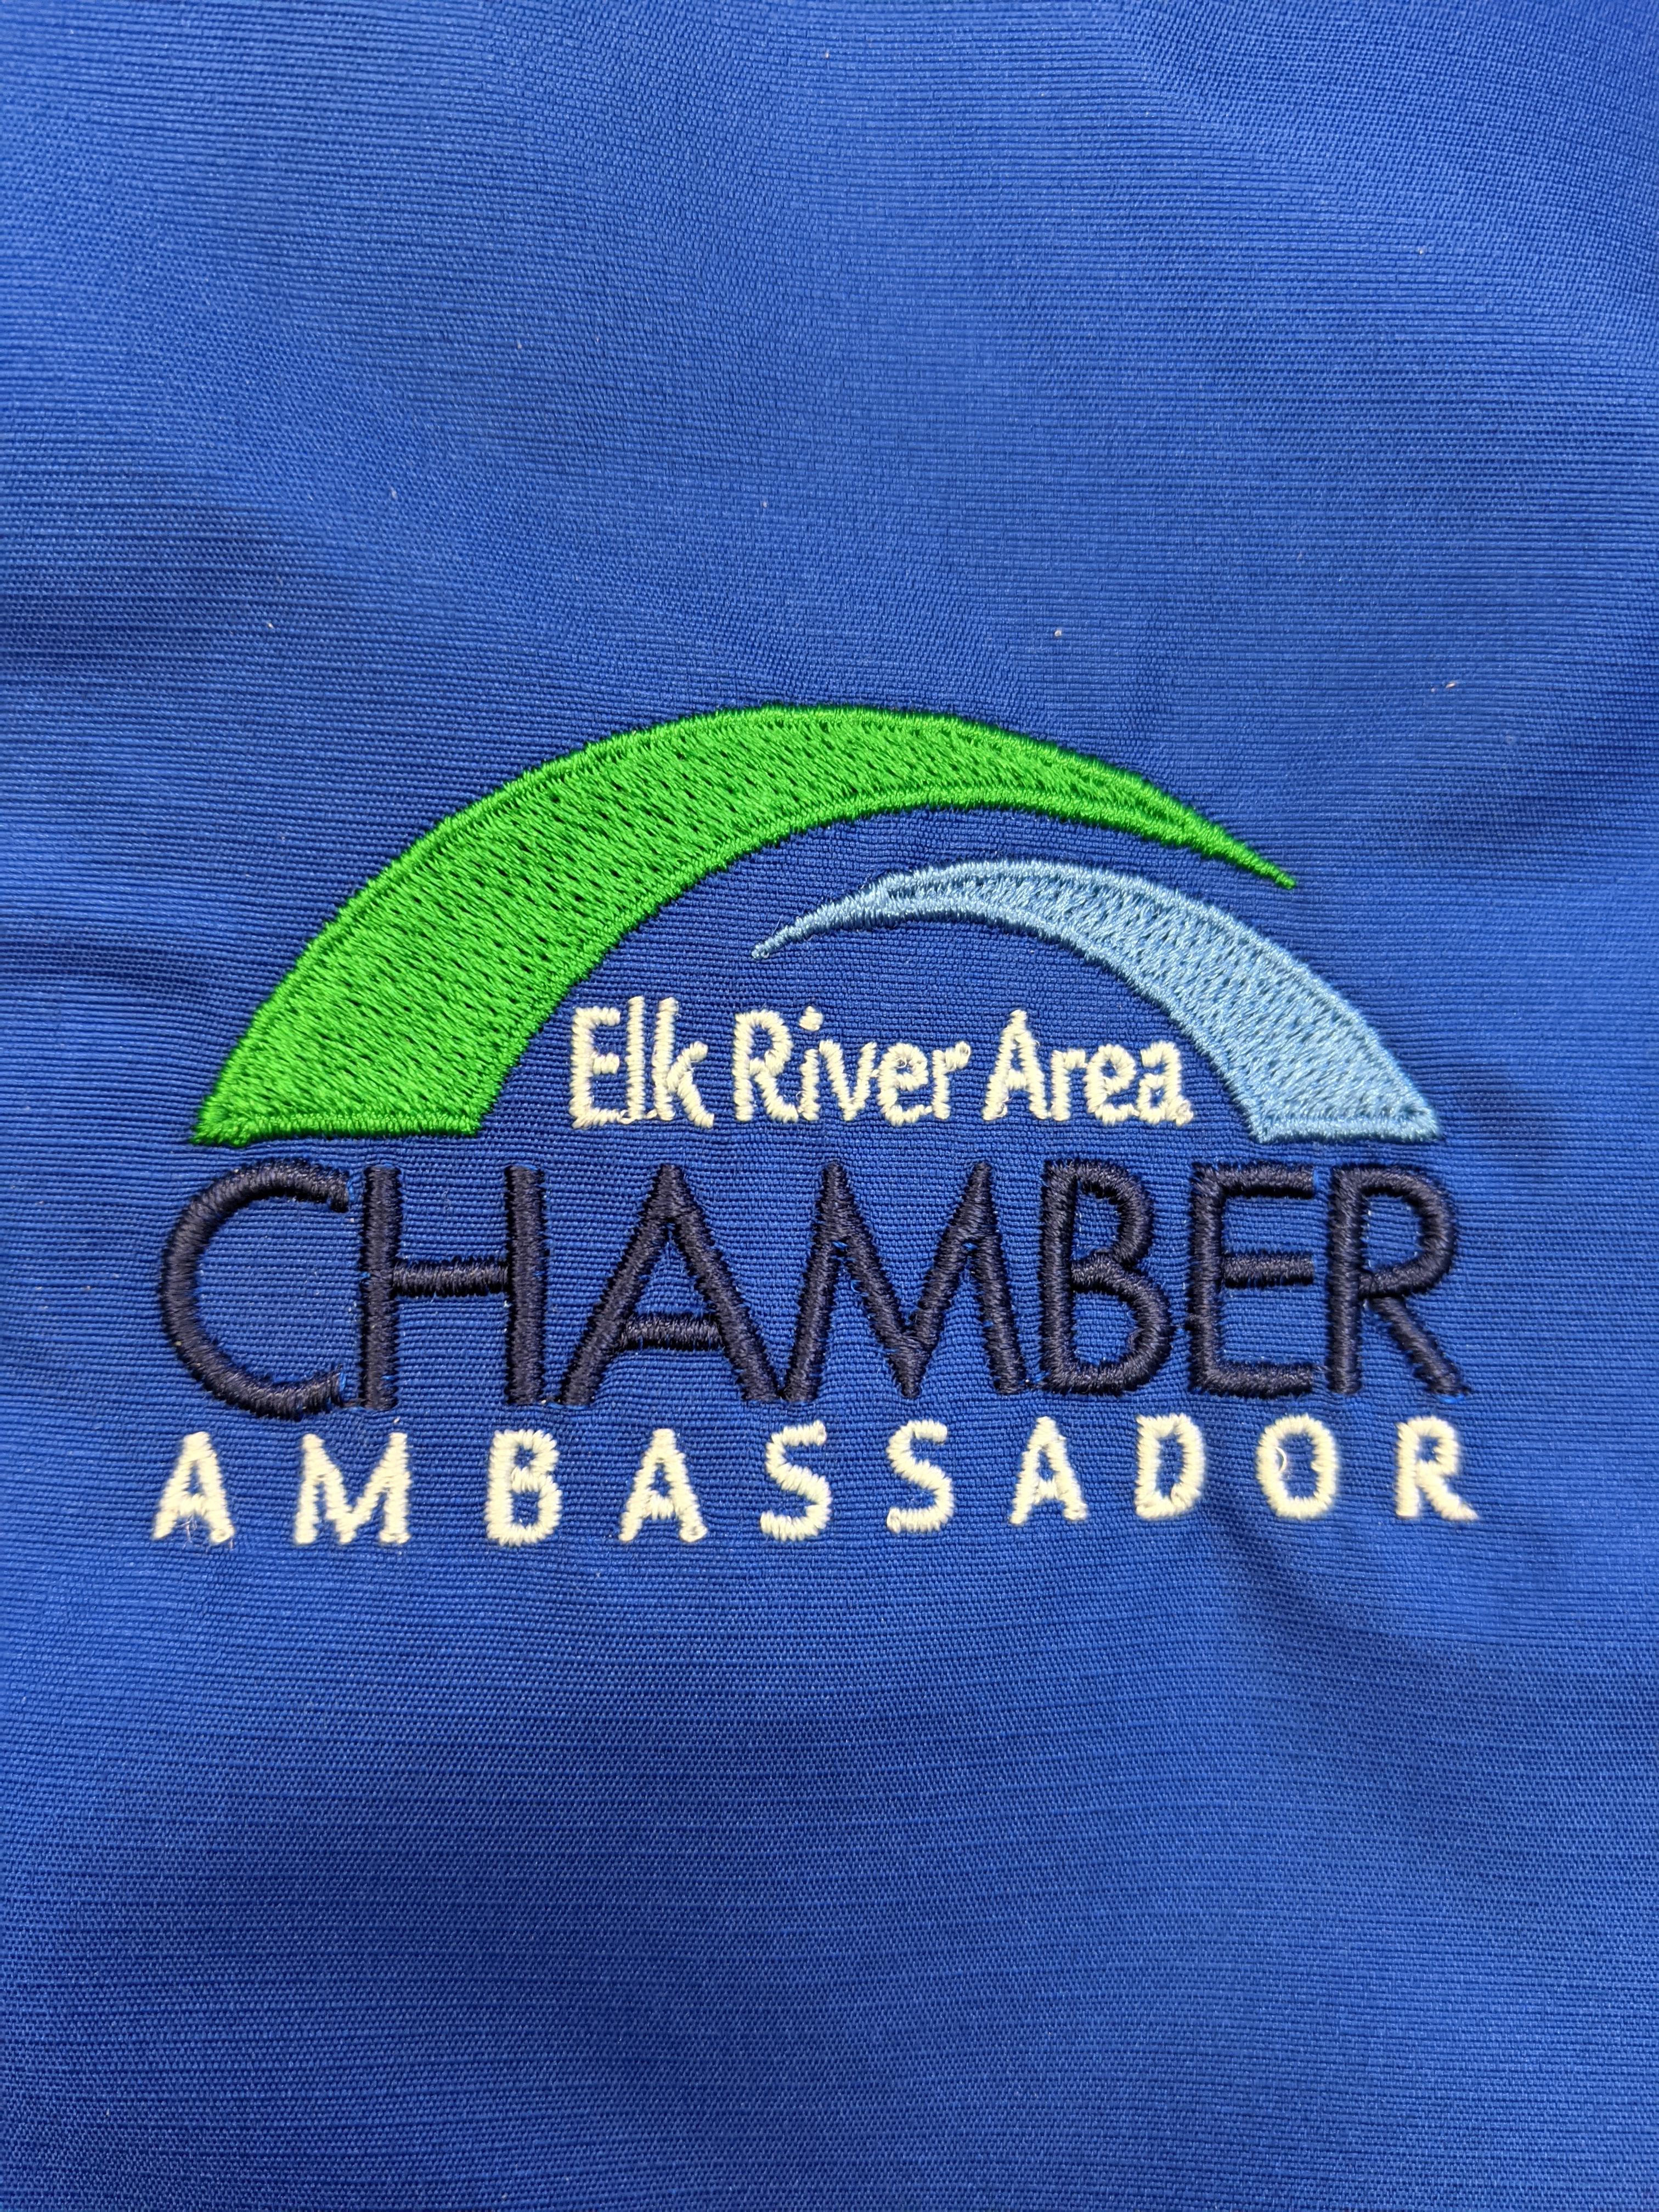 Image for Ambassador Visits April 2021